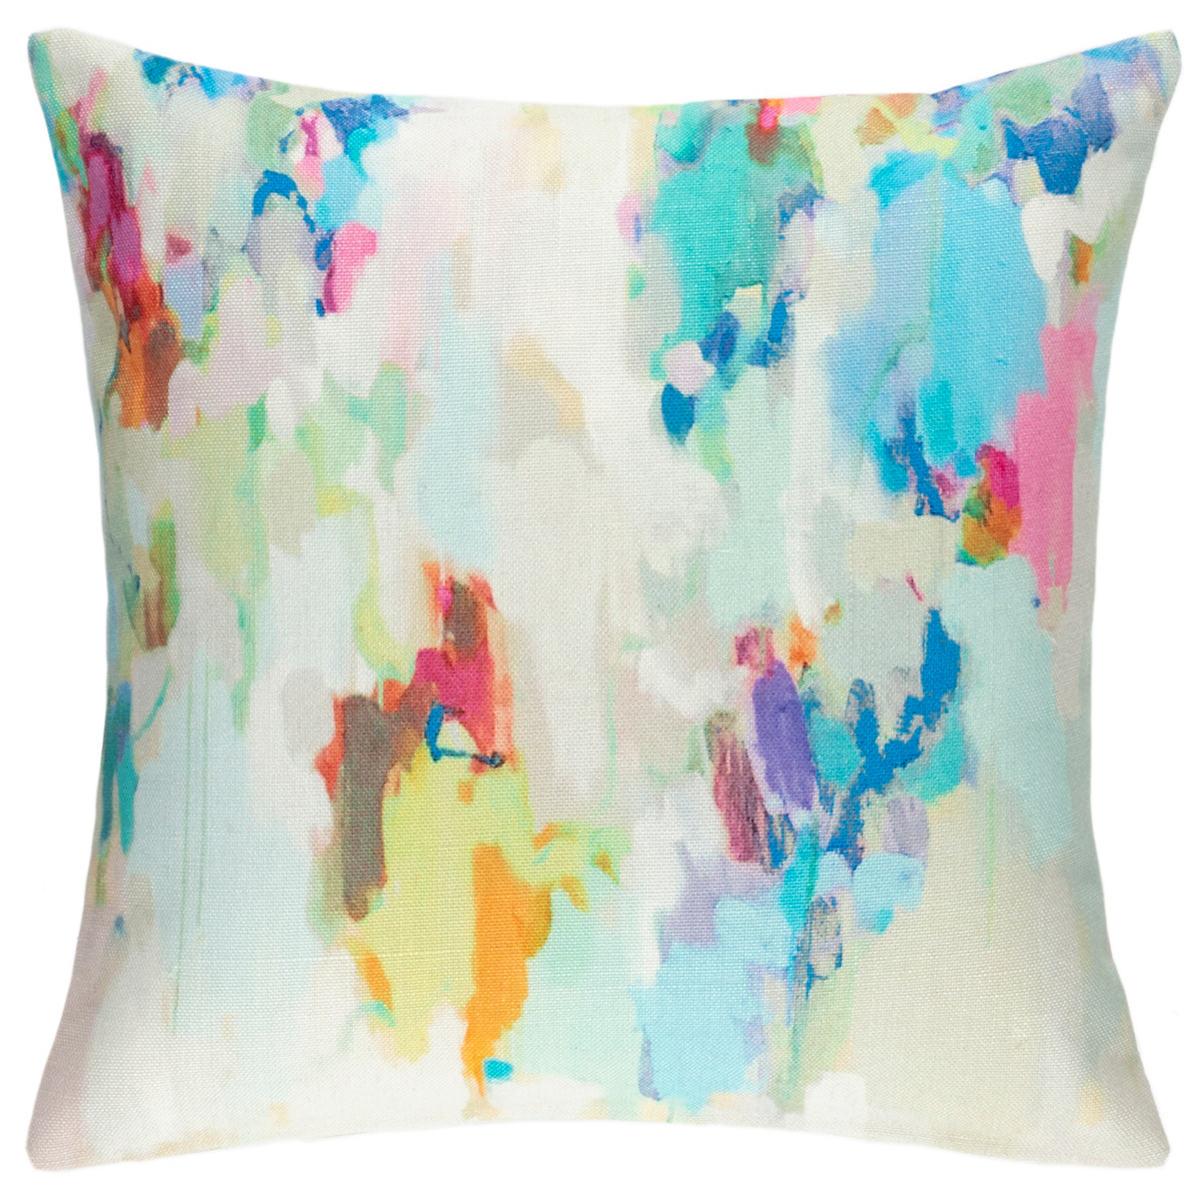 Cabana Bay Indoor/Outdoor Decorative Pillow